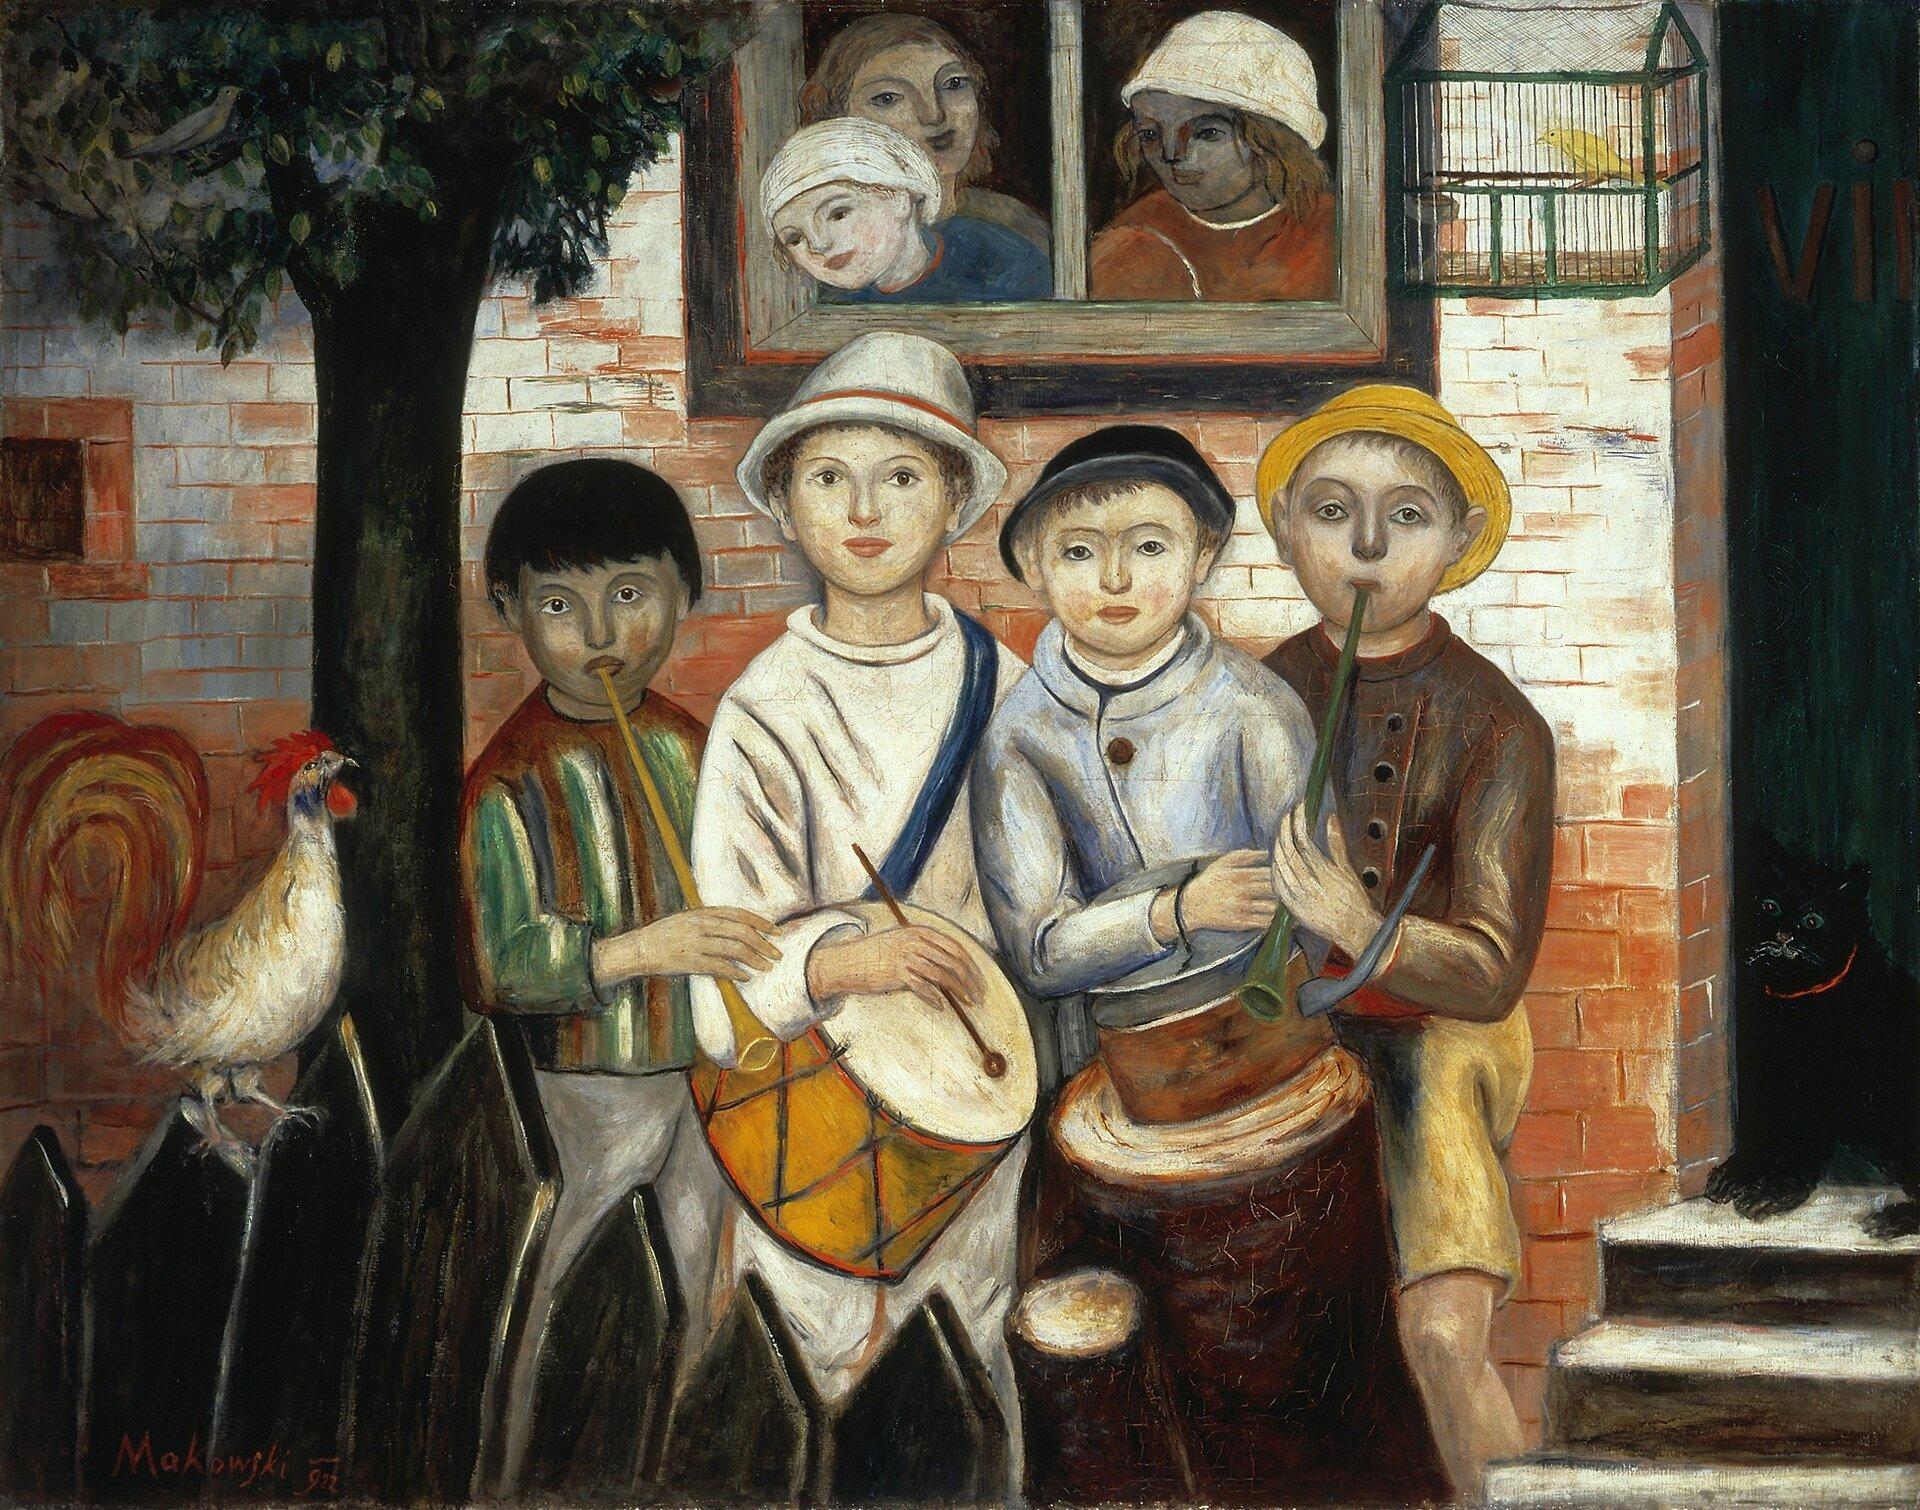 """Ilustracja przedstawia obraz pt. """"Kapela dziecięca"""" autorstwa Tadeusza Makowskiego. Na pierwszym planie obrazu, wjego centralnej części, ukazani są czterej chłopcy – mali artyści. Dwaj znich, stojący po bokach, grają na fujarkach, dwaj wśrodku – na bębenkach. Twarze chłopców ioczy zwrócone są wtym samym kierunku - na wprost. Zapewne ktoś chce ich utrwalić wtej właśnie pozie, oczym świadczy również pochylenie do środka grupy. Scena, na której występują artyści, ograniczona jest zlewej strony obrazu drzewem, azprawej – framugą drzwi. Kolory współgrają ze sobą. Twarz chłopca wżółtej czapeczce, stojącego po prawej stronie obrazu, odpowiada oświetlonemu fragmentowi muru, aciemny kolor włosów chłopca zajmującego miejsce po przeciwnej stronie współgra zkolorem pnia drzewa. Obecne są też inne kolory, np. zieleń liści drzewa, pasków na bluzie jednego zgrajków, drzwi, błękit ubranka jednego zchłopców. Na obrazie nie brakuje też bieli. Białe jest ubranie chłopca zbębenkiem, nakrycia głowy wyglądających przez okno widzów, atakże część muru oświetlonego słońcem. Na obrazie panuje pogodna, radosna atmosfera. Muzykowanie najwyraźniej sprawia dzieciom przyjemność – zdumą trzymają wrękach instrumenty, na których zapewne grają jakaś melodię, adźwięk instrumentów być może wzbogacony jest pianiem koguta. Na uwagę zasługuje też zamieszczona na murze, pomiędzy oknem adrzwiami, zielona klatka zkanarkiem. Przy drzwiach na progu siedzi czarny kot. Na obrazie dominują ciepłe kolory – głównie czerwień. Czerwony jest mur, pióra igrzebień koguta, bluzka postaci obserwującej grajków, czerwono-pomarańczowe są bębenki, nawet kot ma na szyi czerwoną obrożę. Na drugim planie znajduje się mur zczerwonej cegły iokno stanowiące tło dla grupy muzykantów. Wtymże oknie widoczne są trzy postacie wyglądające na podwórko. Przed małymi artystami, wlewym dolnym rogu widoczny jest fragment ciemnego, drewnianego płotu zsiedzącym na nim kogutem. To właśnie płot ikogut wskazują na miejsce zdarzenia – wieś."""